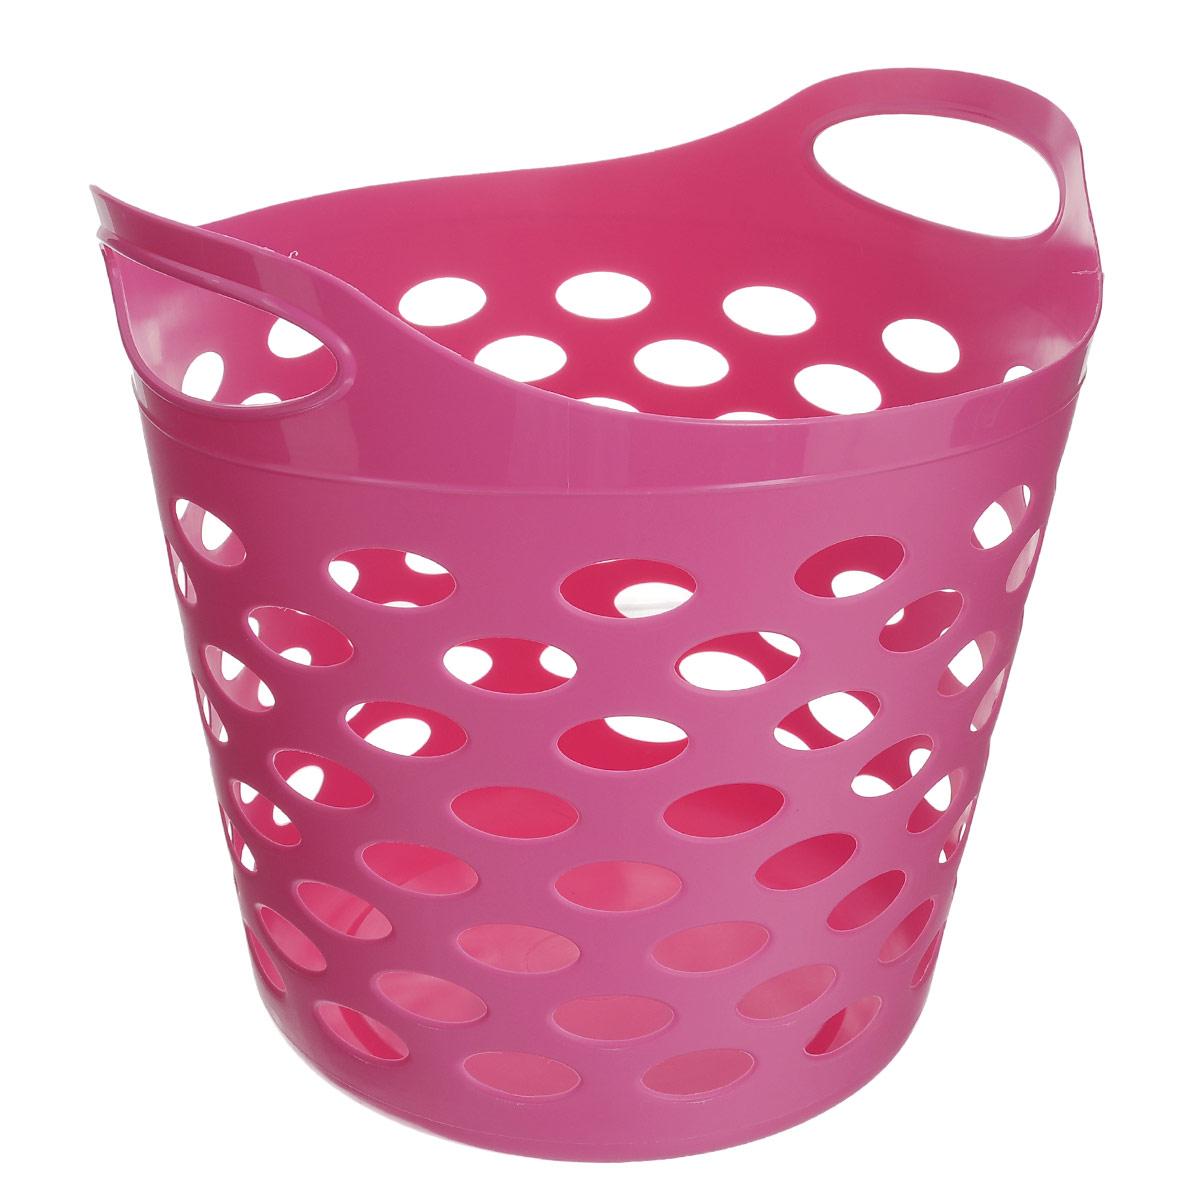 Корзина универсальная Gensini, цвет: розовый, 32 лZ-0307Универсальная корзина Gensini отлично подойдет для хранения белья перед стиркой, игрушек и других вещей. Она выполнена из высококачественного мягкого пластика и оснащена двумя удобными ручками для переноски. Современный дизайн корзины позволит ей вписаться в любой интерьер, а благодаря своим компактным размерам она не займет много места. Диаметр корзины (без учета ручек): 37 см. Высота корзины (без учета ручек): 31 см. Высота корзины (с учетом ручек): 38 см. Объем корзины: 32 л.